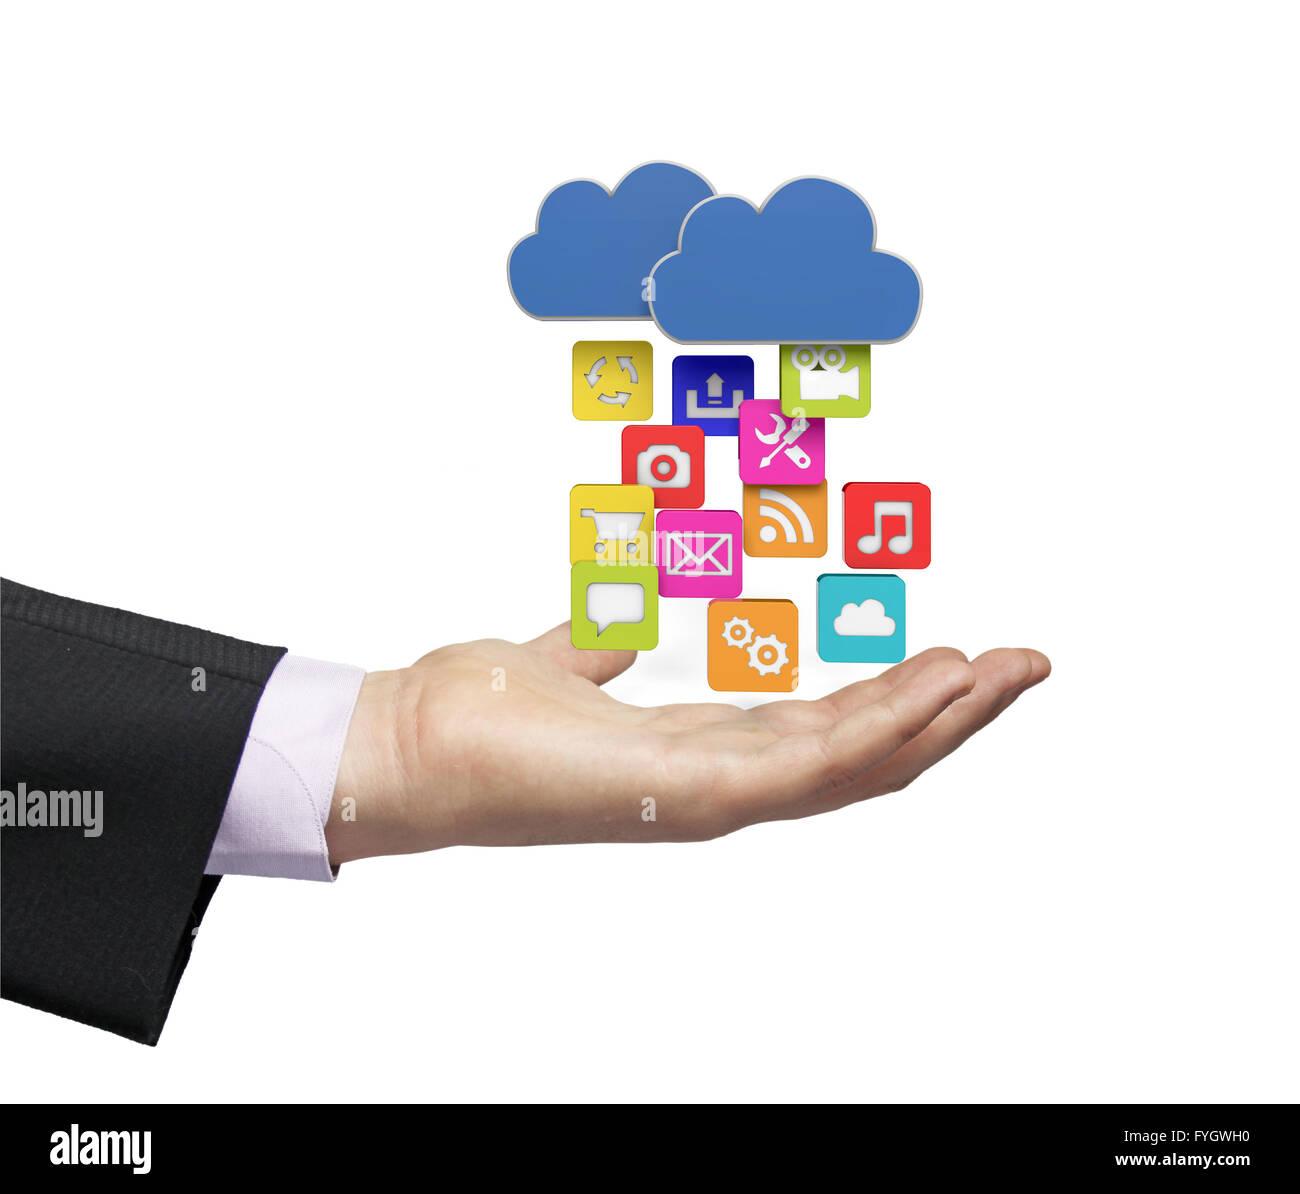 Télécharger des apps depuis le nuage sur une main d'affaires Photo Stock